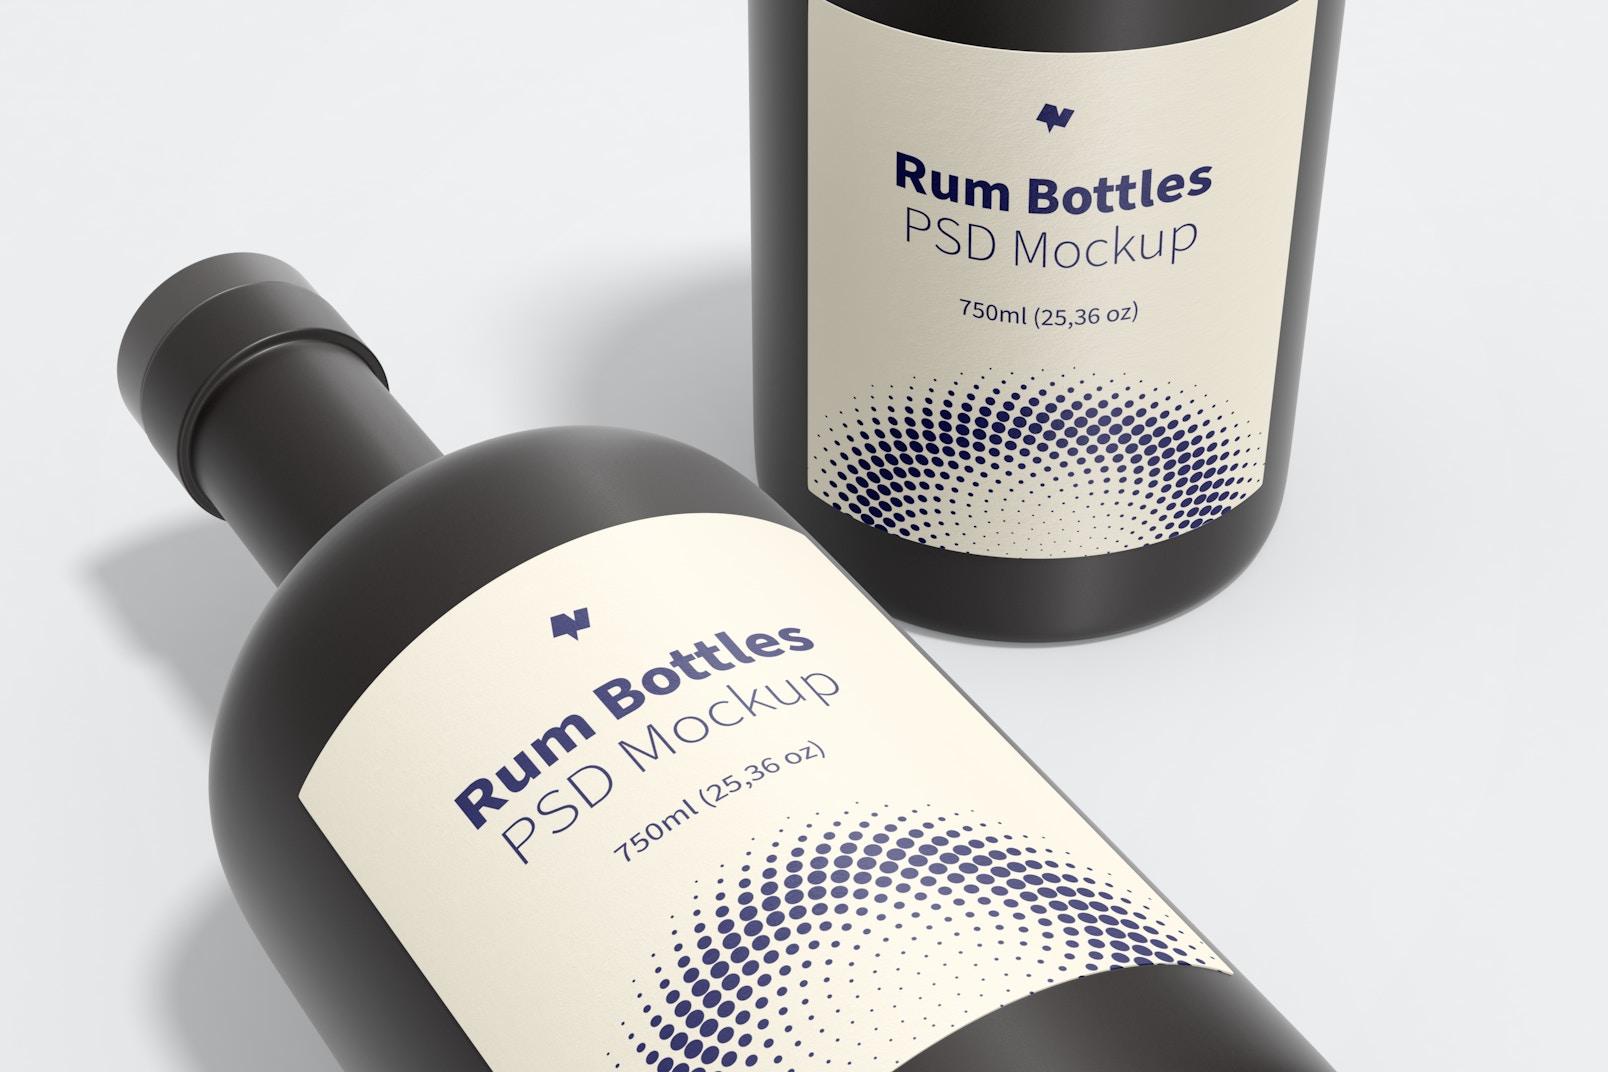 Rum Bottles Mockup, Close-Up